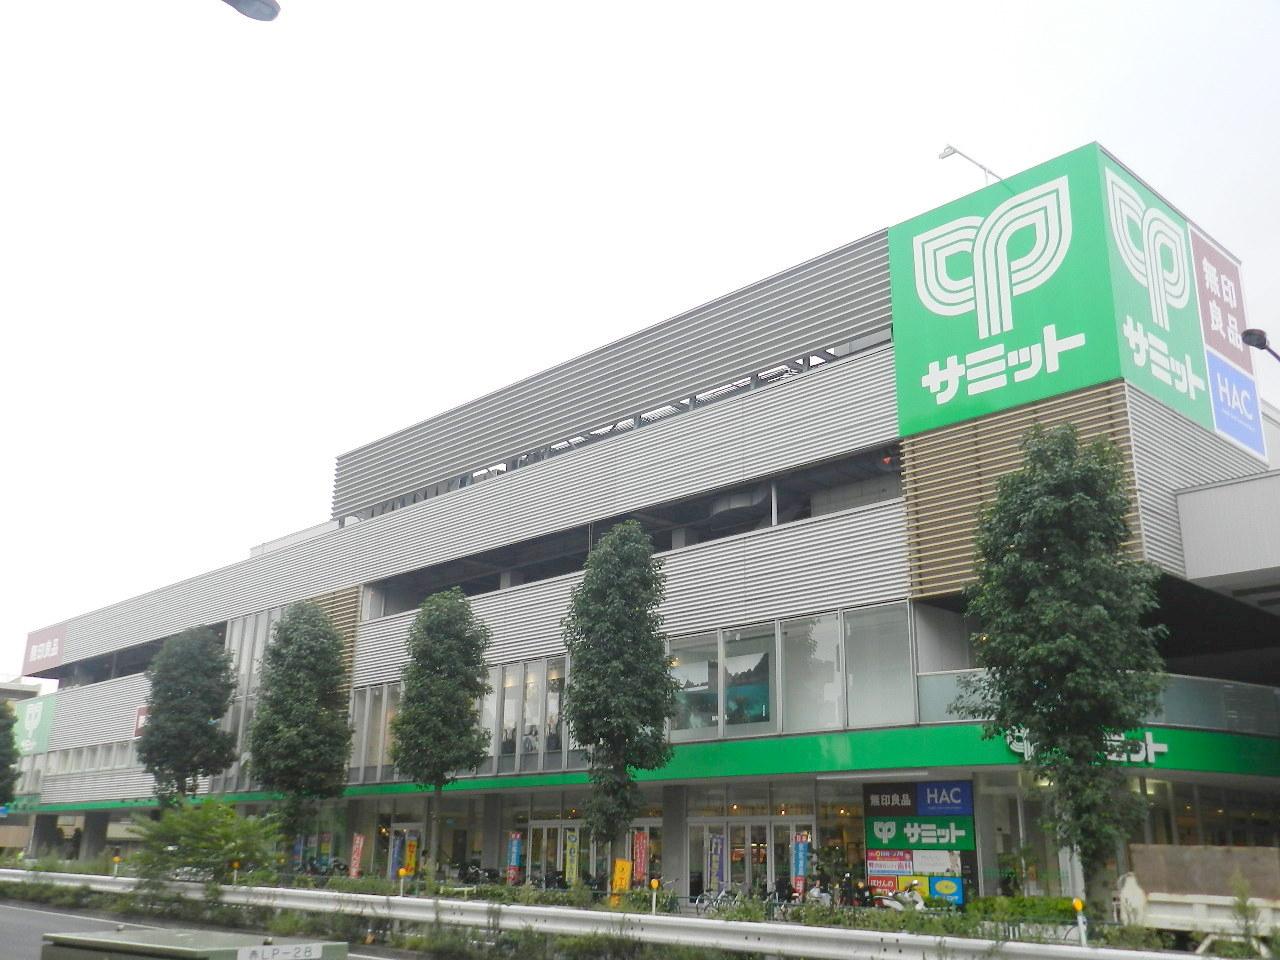 スーパー:サミットストア 砧環八通り店 526m